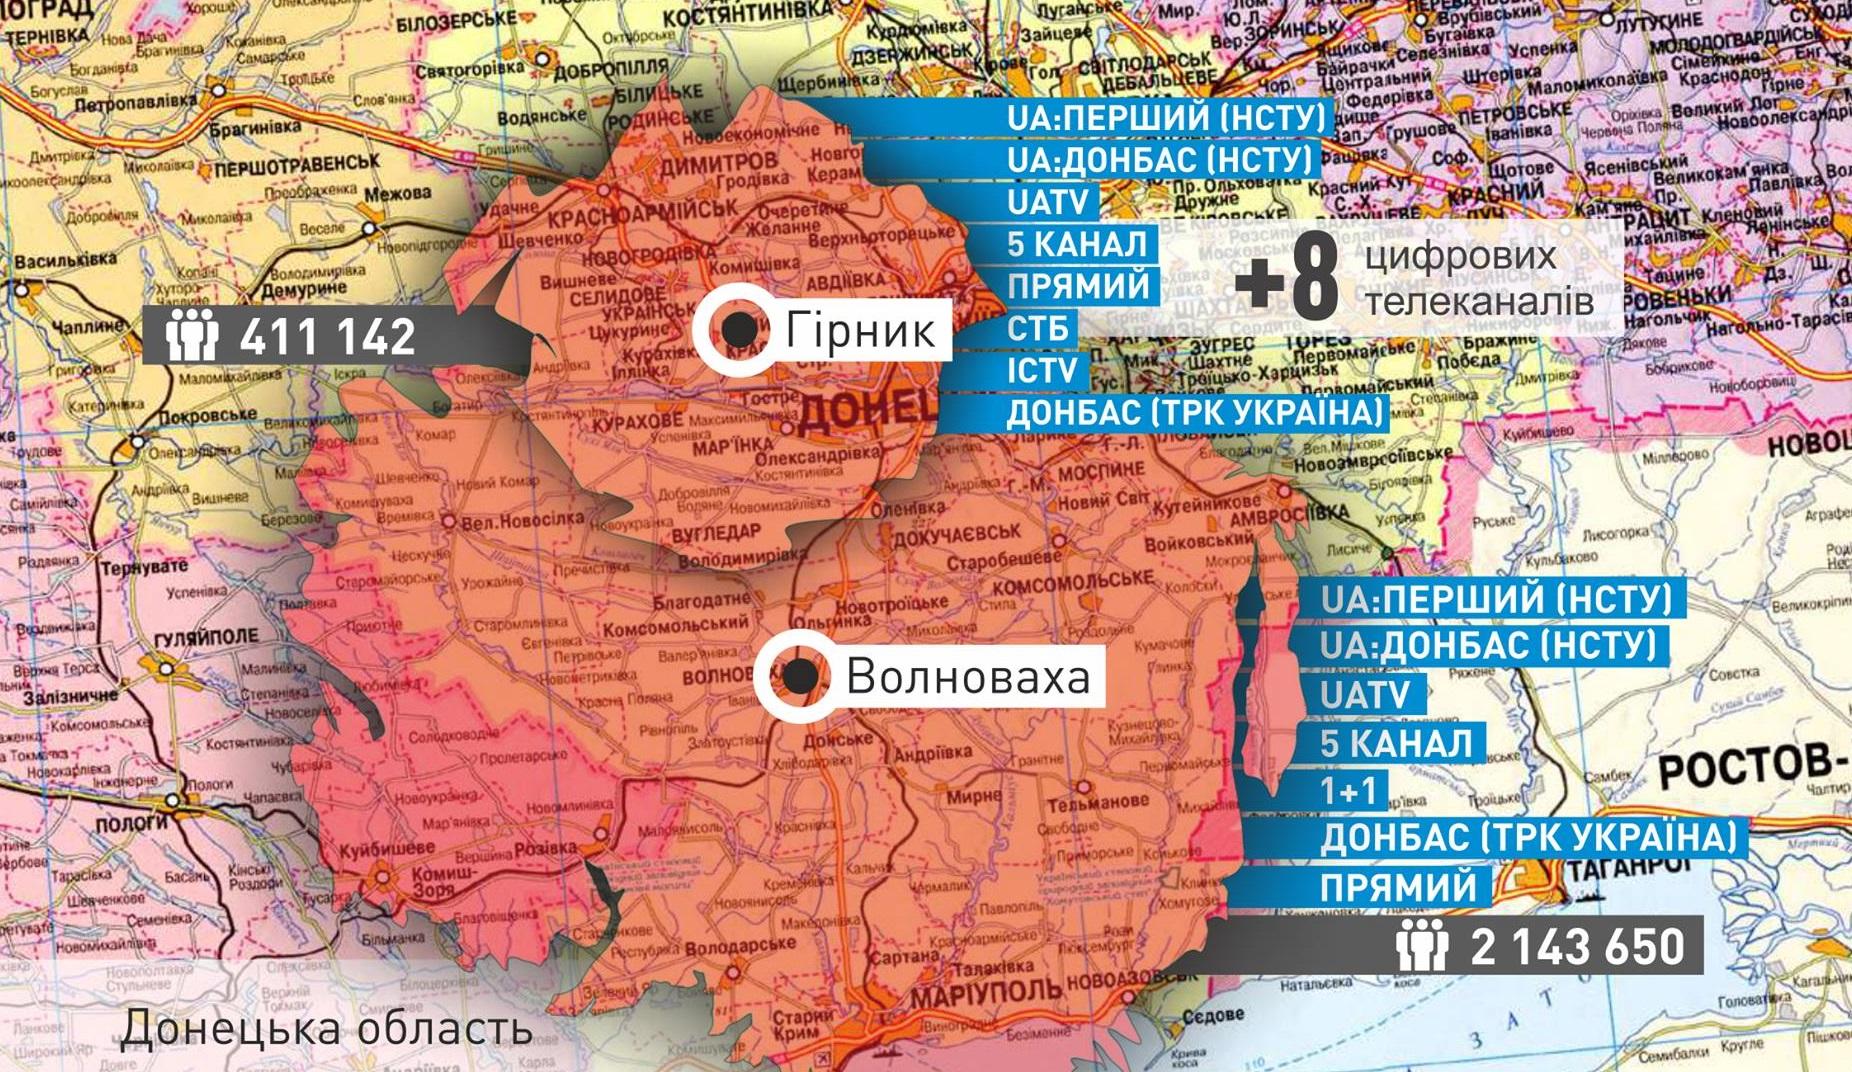 Украинские каналы начнут вещать на оккупированных территориях из Горняка